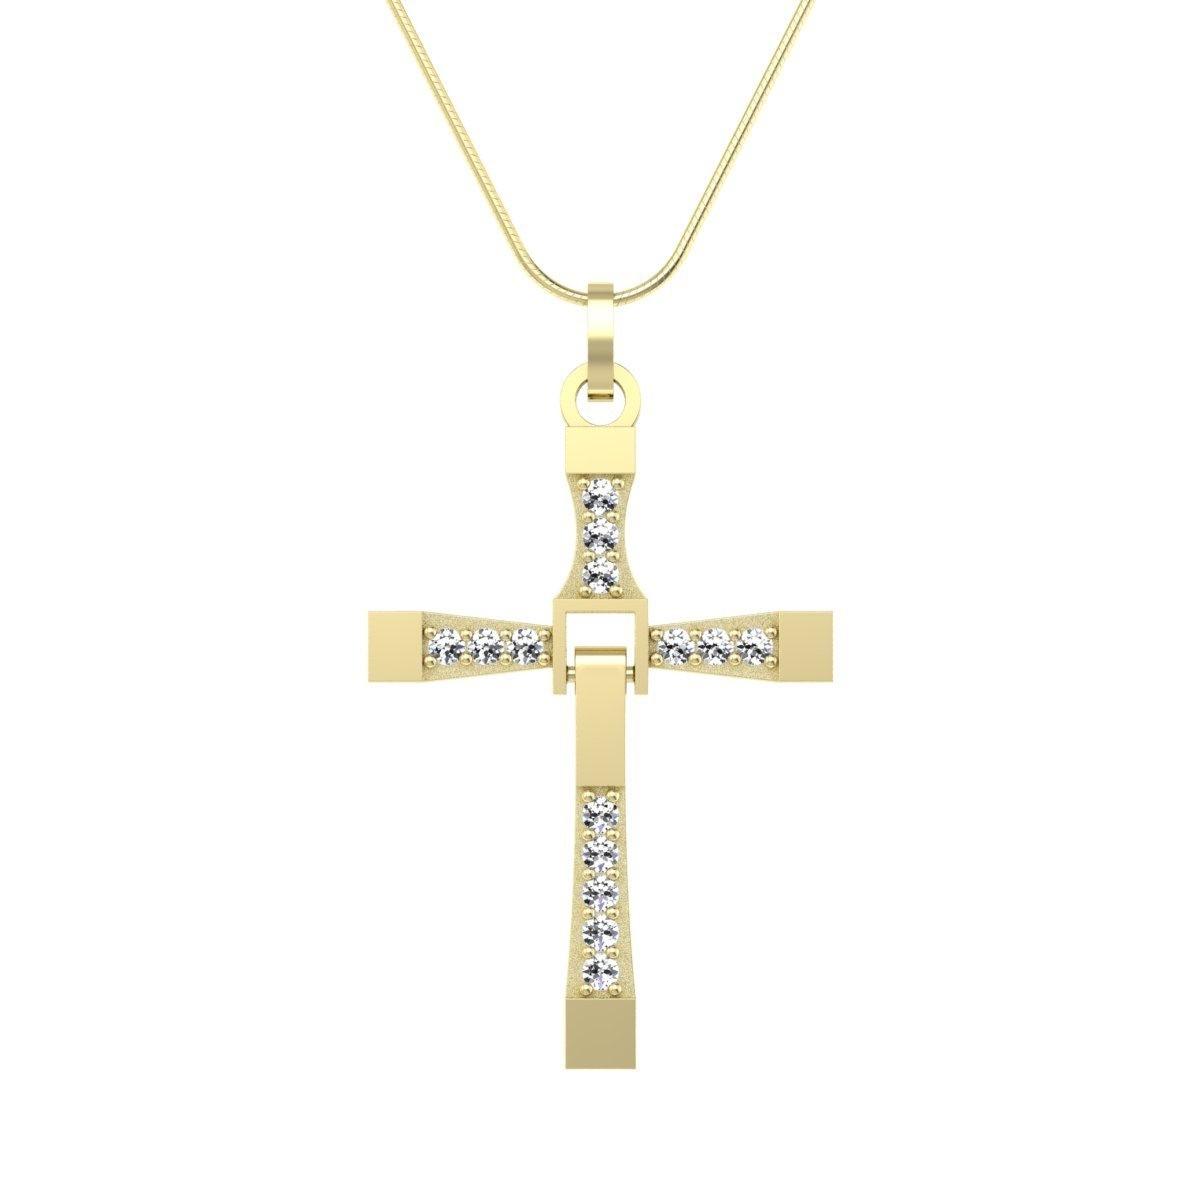 Wisiorek złoty z diamentami - Krzyżyk zawieszka